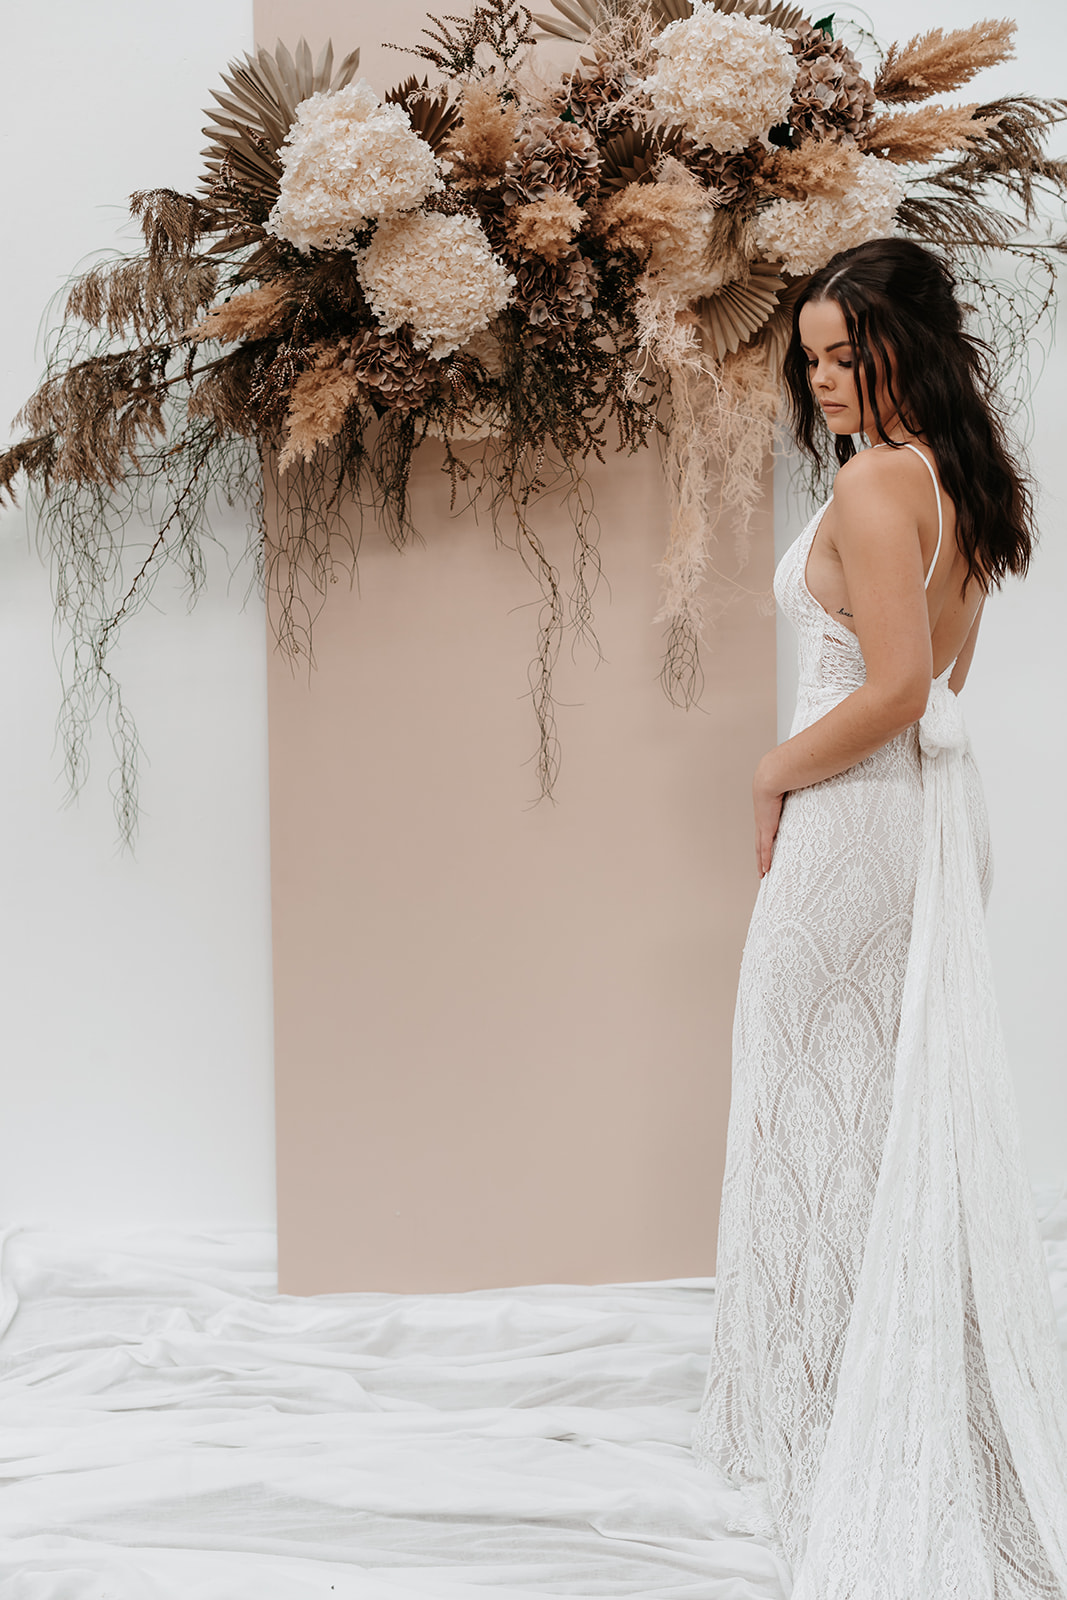 Styled Shoot: Aisle Wedding Market